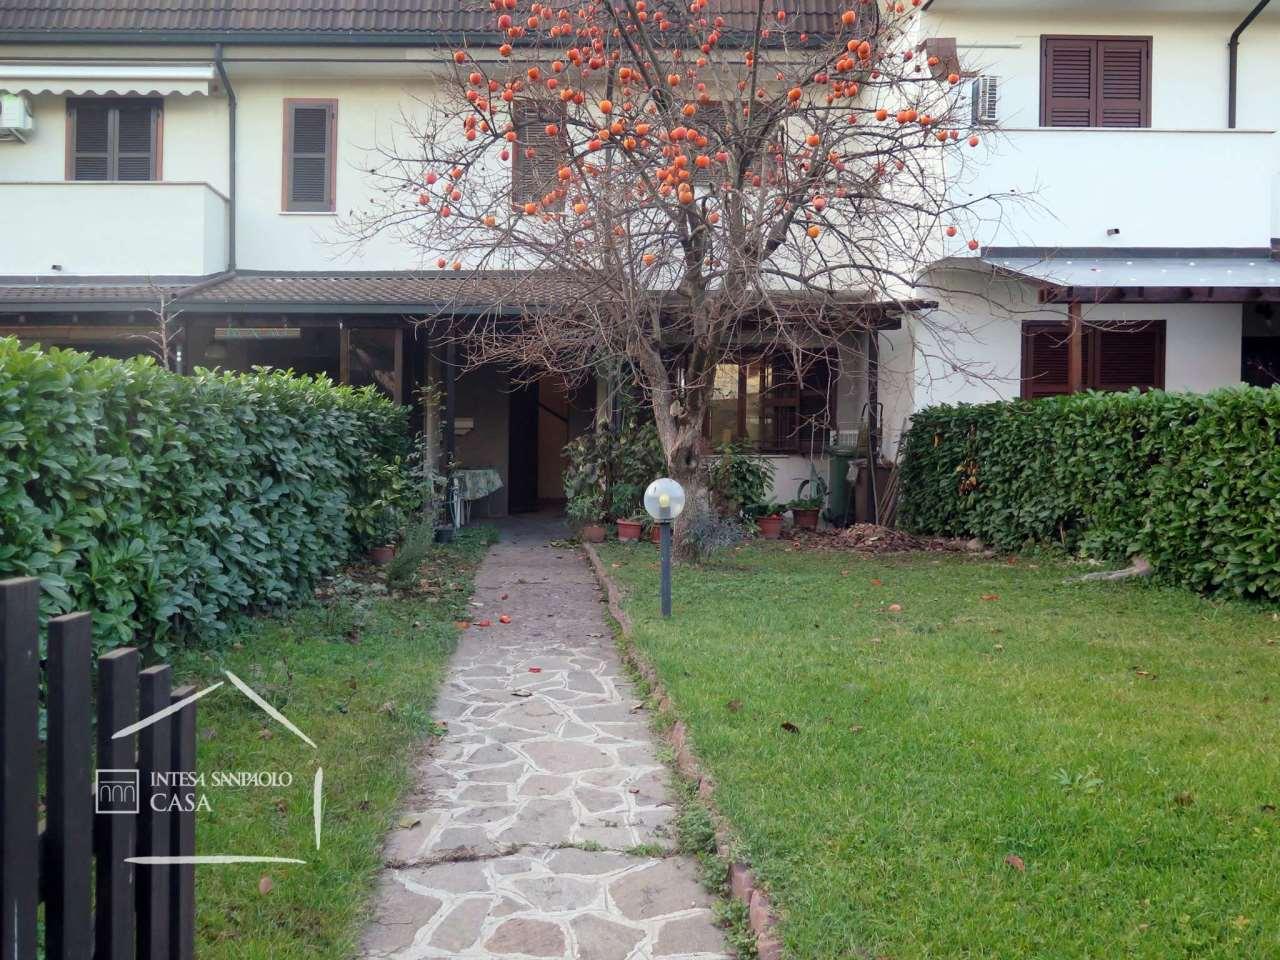 Villa in Vendita a Cologno Monzese via tintoretto